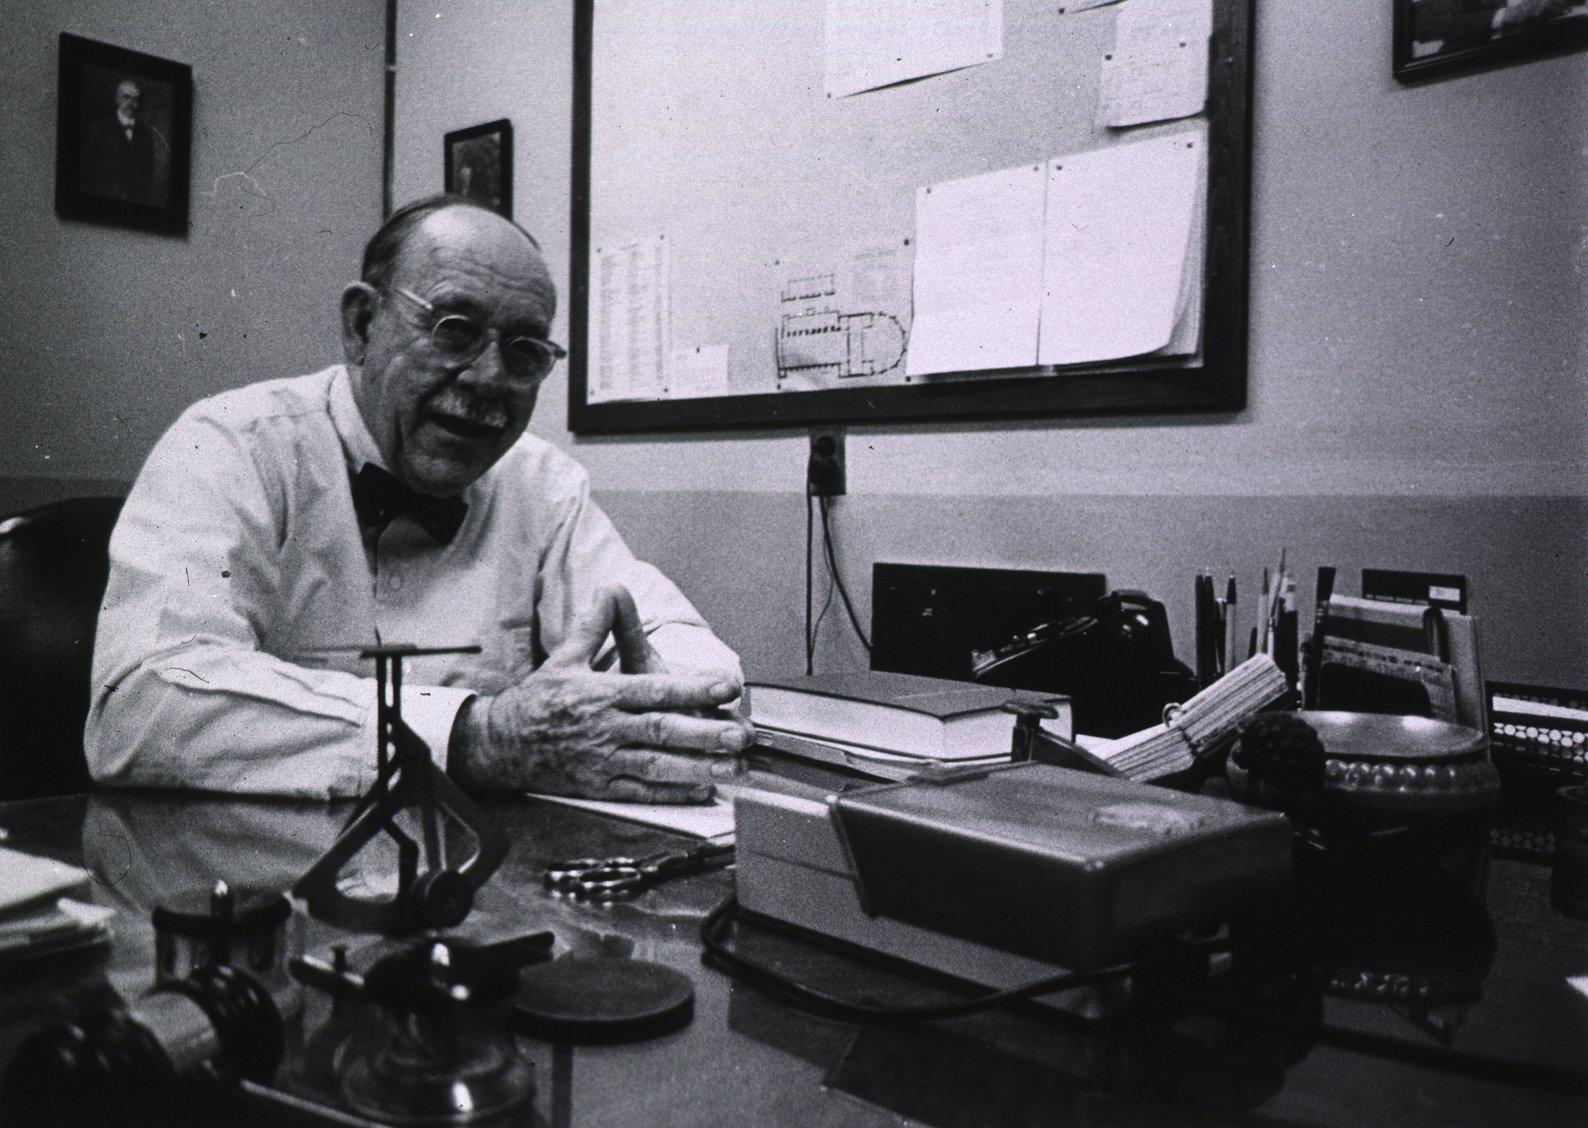 Professor Edwin G. Boring. Bilete er tatt i 1961.